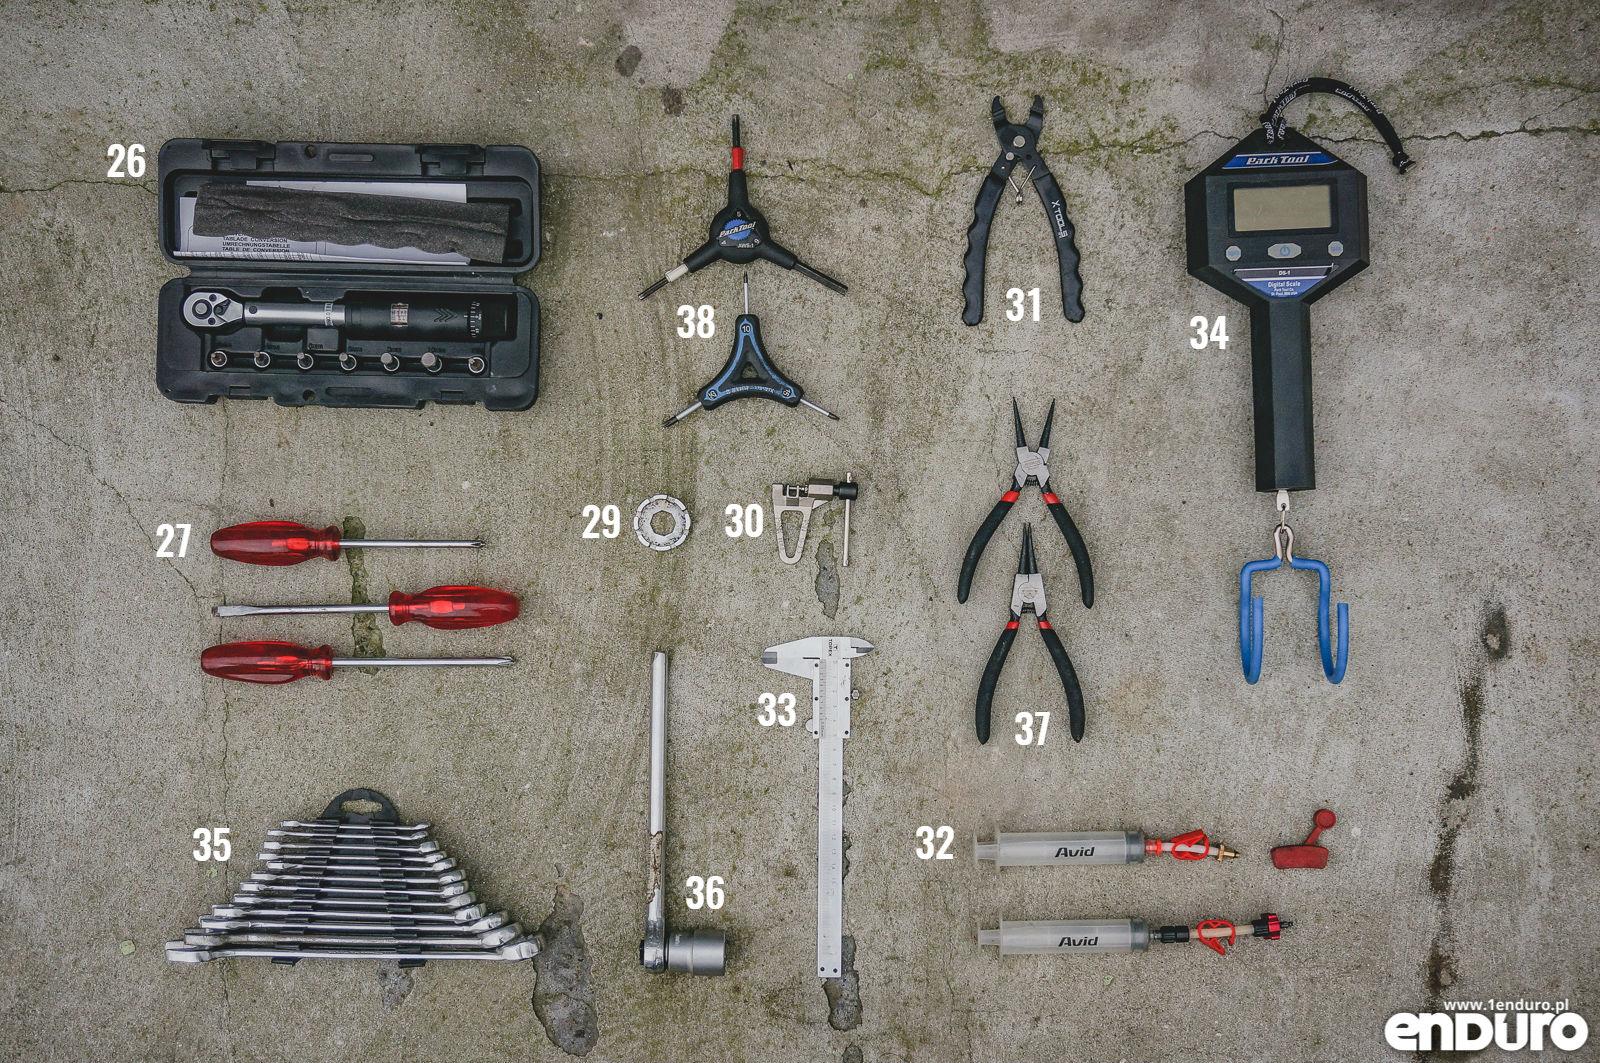 bbe43568a4d93c Narzędzia rowerowe, które warto mieć w domowym warsztacie : 1Enduro